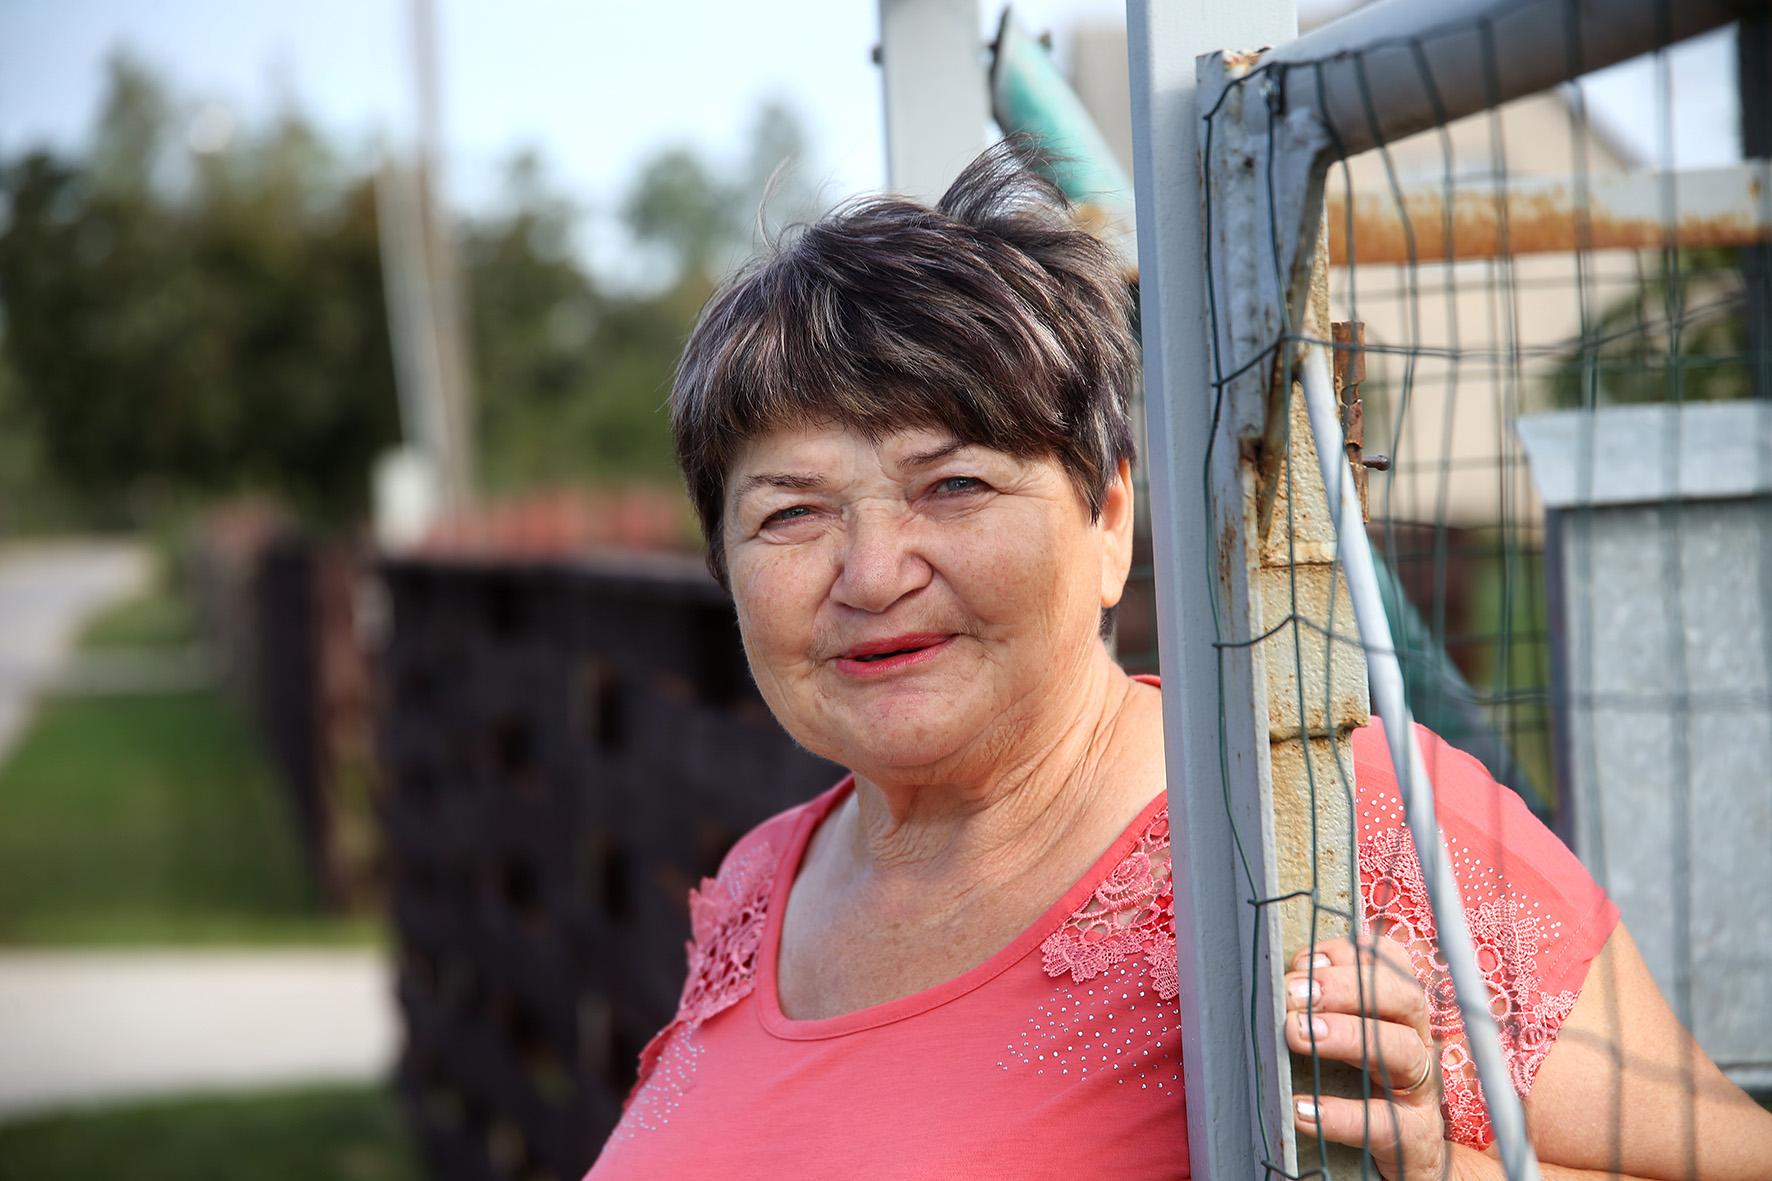 Atvykusius į kaimą mus pasitinka Janina, modama ranka, o kitoje rankoje laikydama milžinišką bulvę. Moters darže šiemet išaugo beveik pusantro kilogramo sverianti bulvė milžinė. A. Barzdžiaus nuotr.